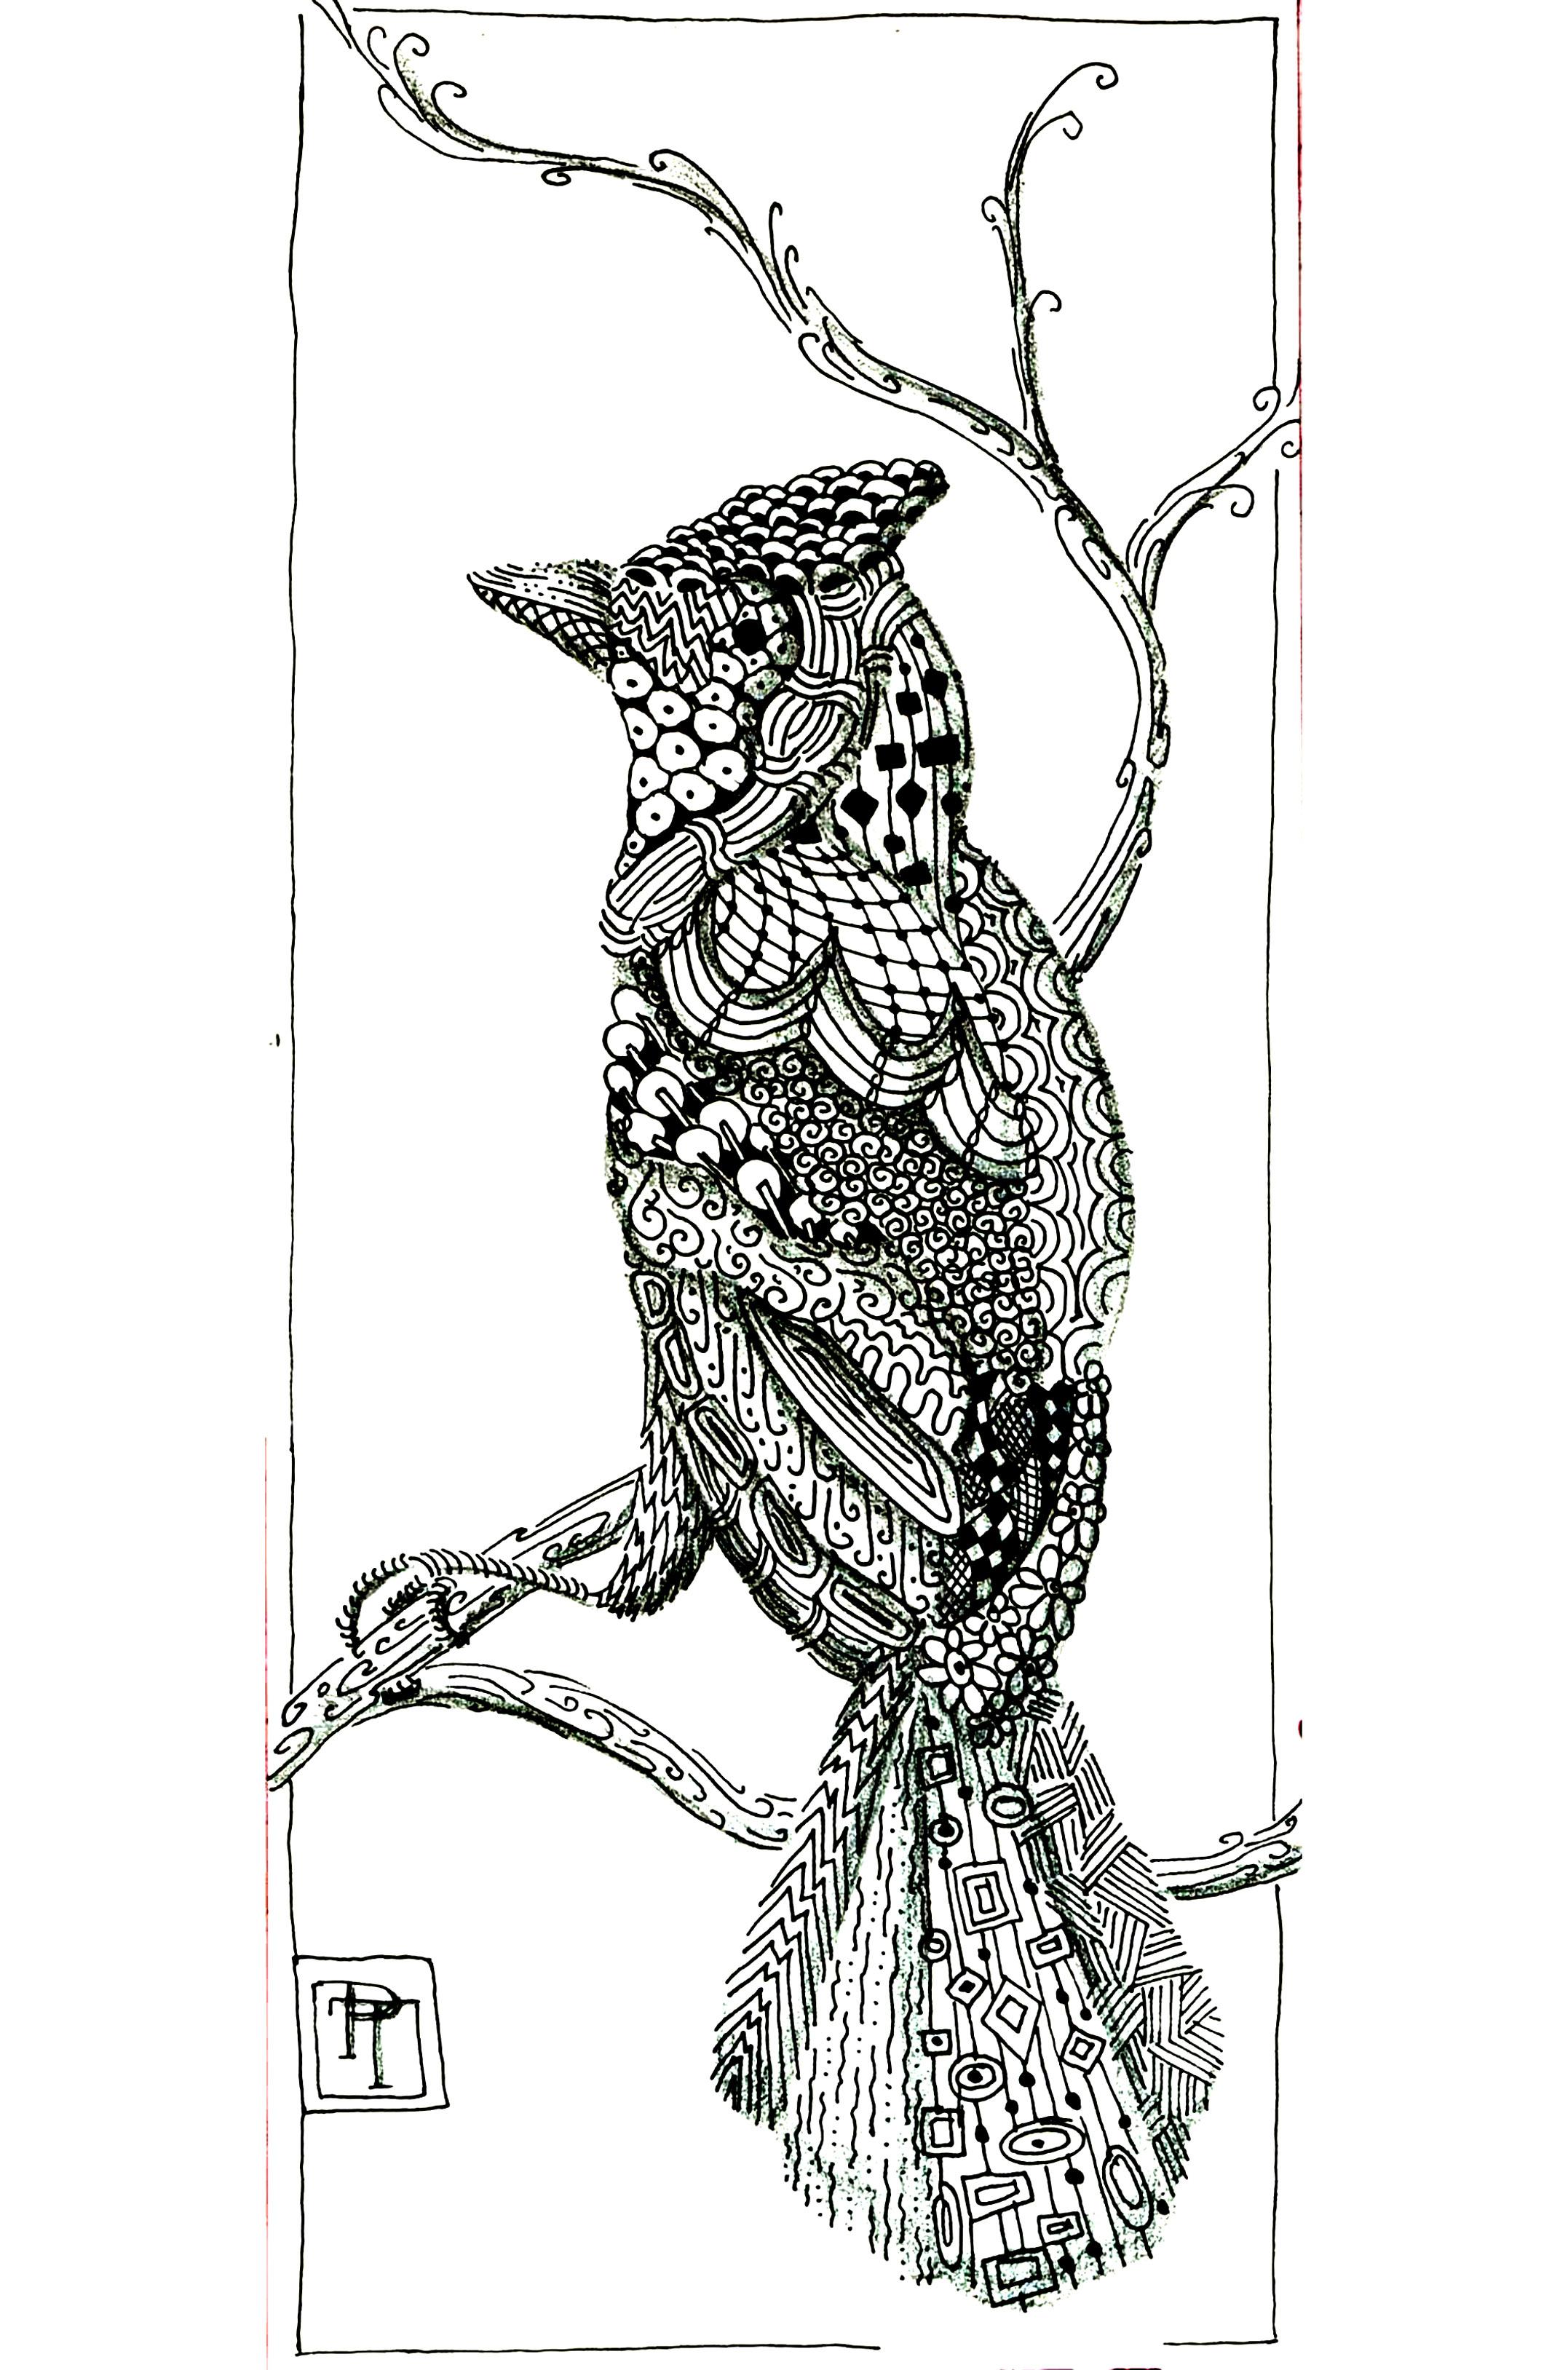 Un bel oiseau et ses motifs à mettre en vie grâce à la magie des couleurs